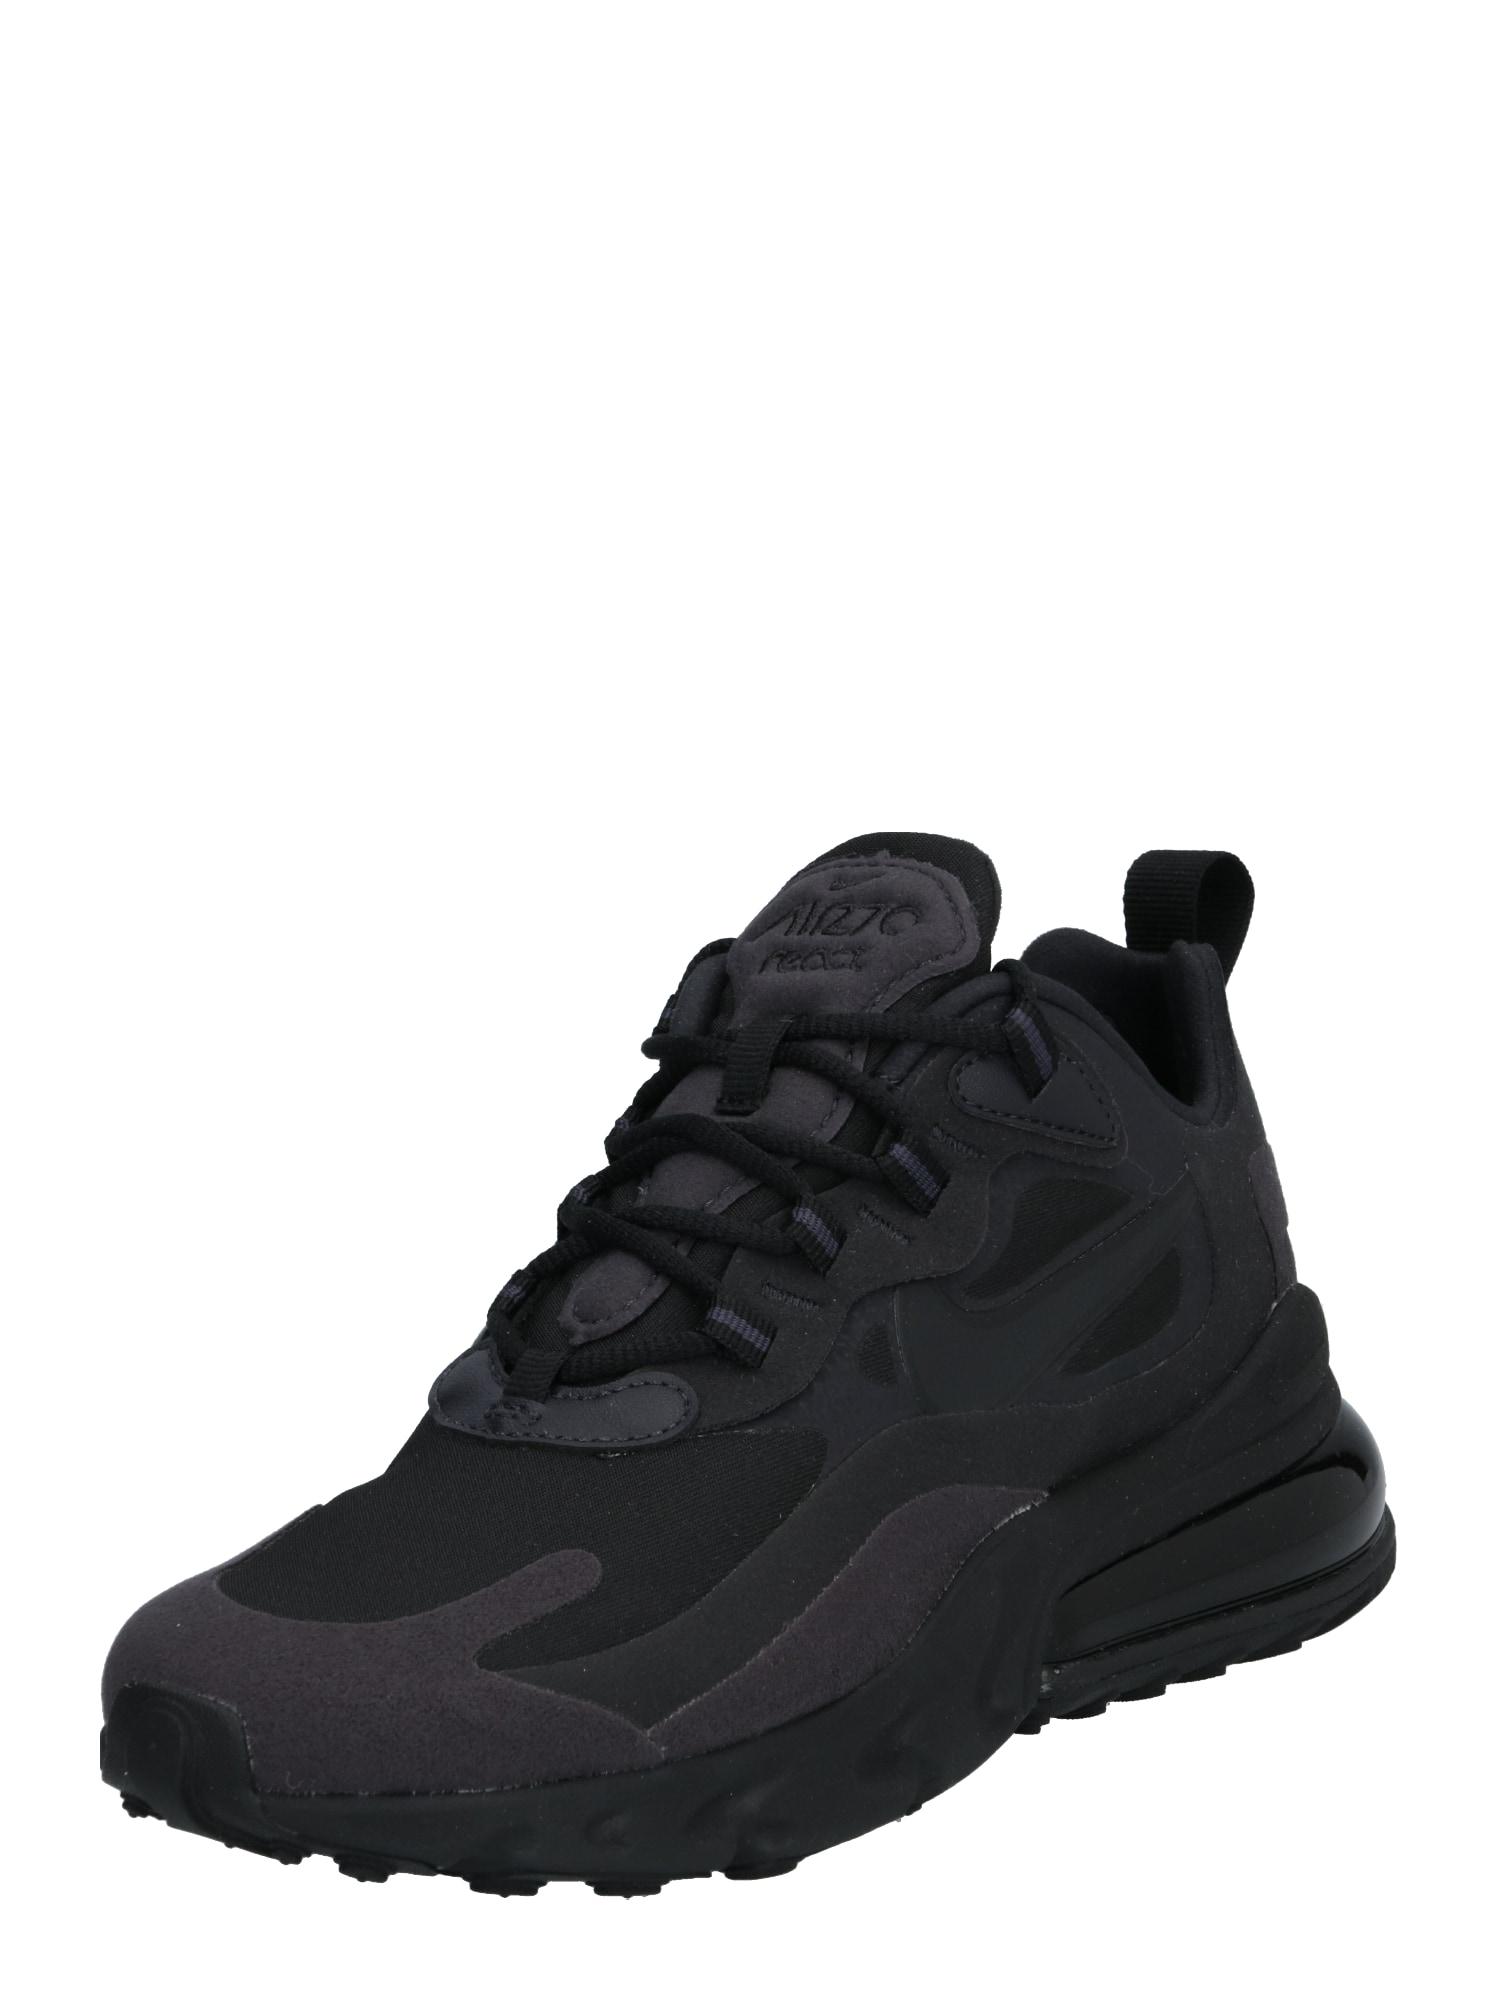 NIKE Sportiniai batai ' Air Max 270 React ' juoda